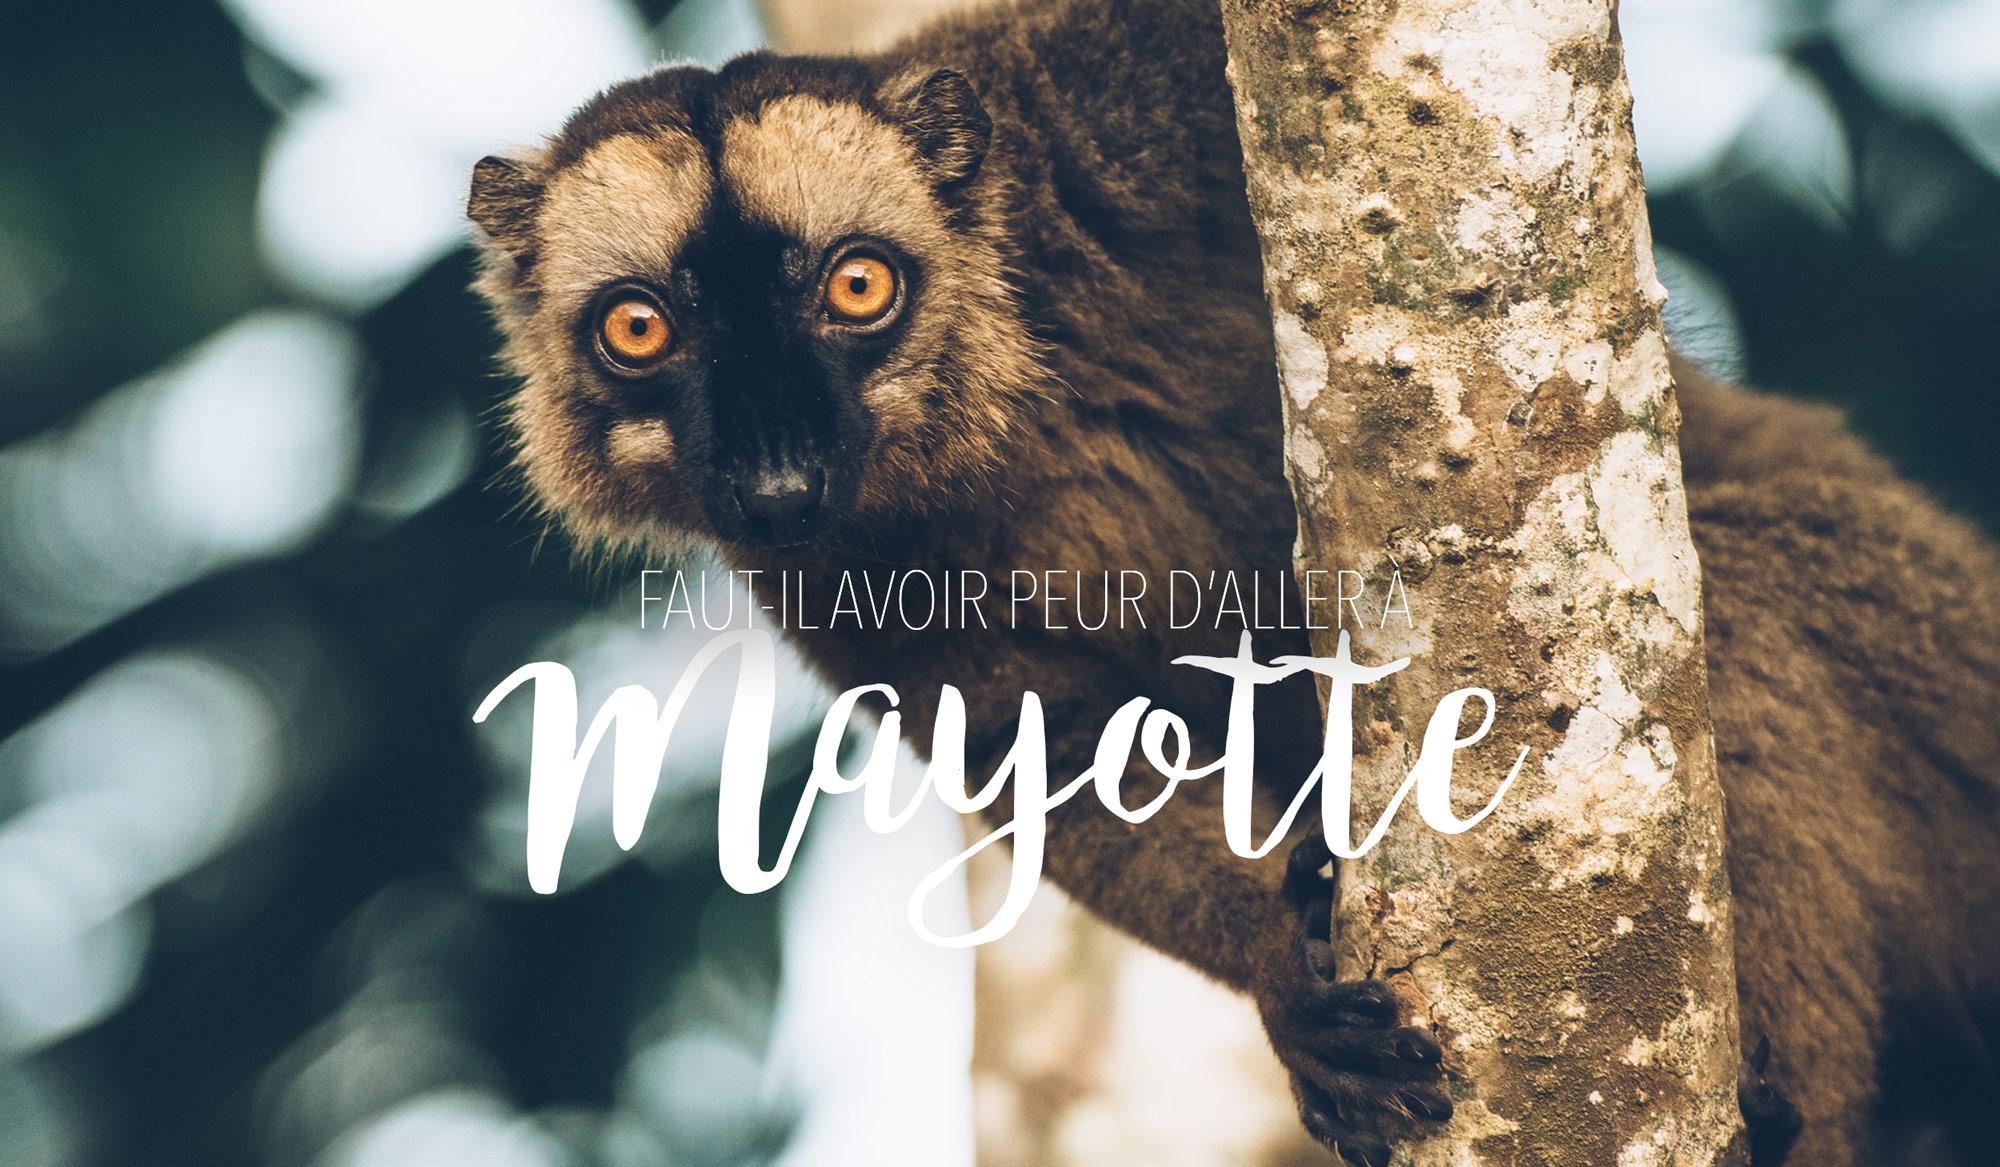 Faut-il avoir peur d'aller à Mayotte?